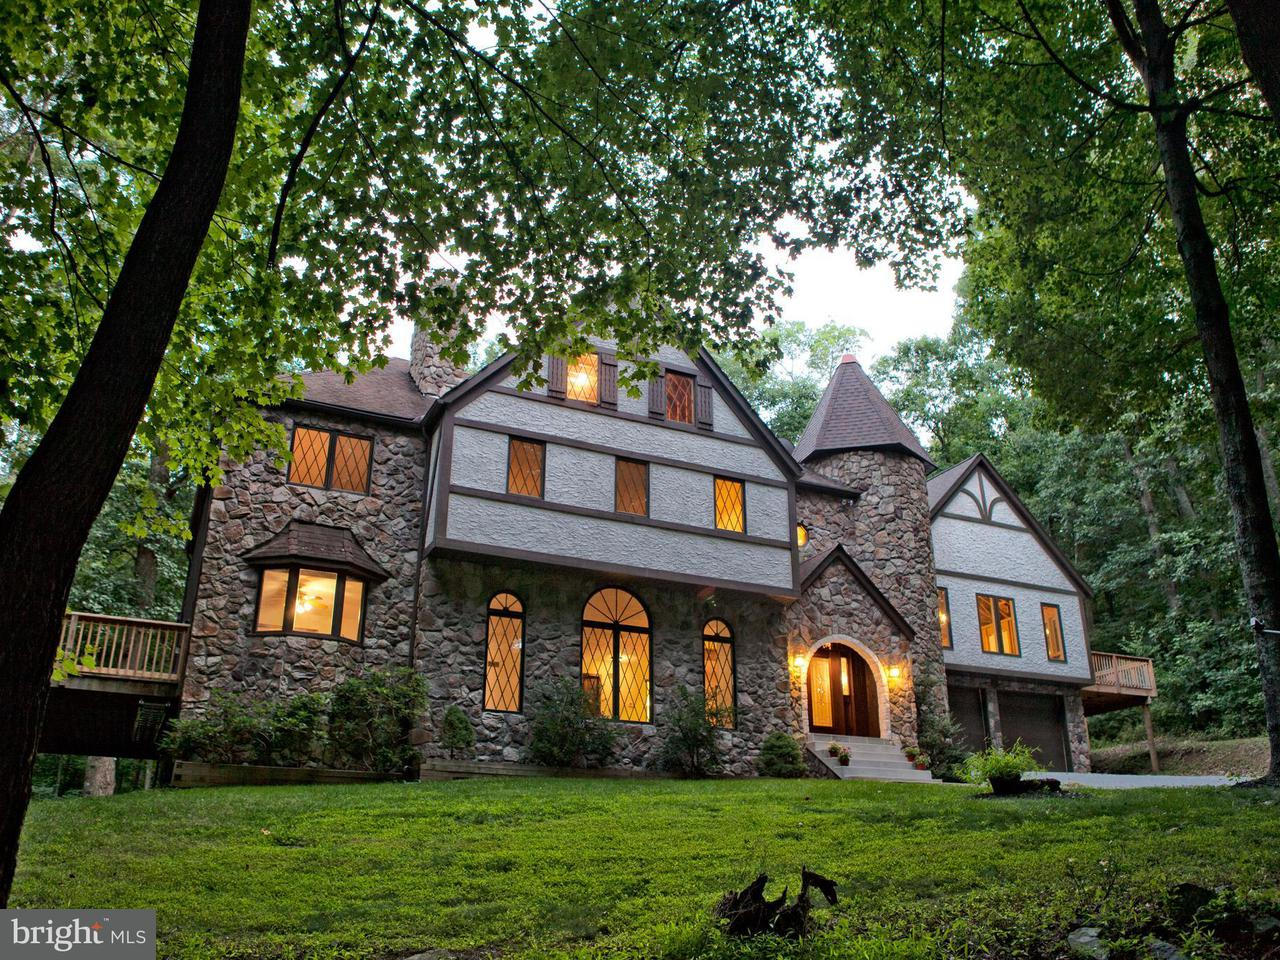 Частный односемейный дом для того Продажа на 5215b Wigville Road 5215b Wigville Road Thurmont, Мэриленд 21788 Соединенные Штаты